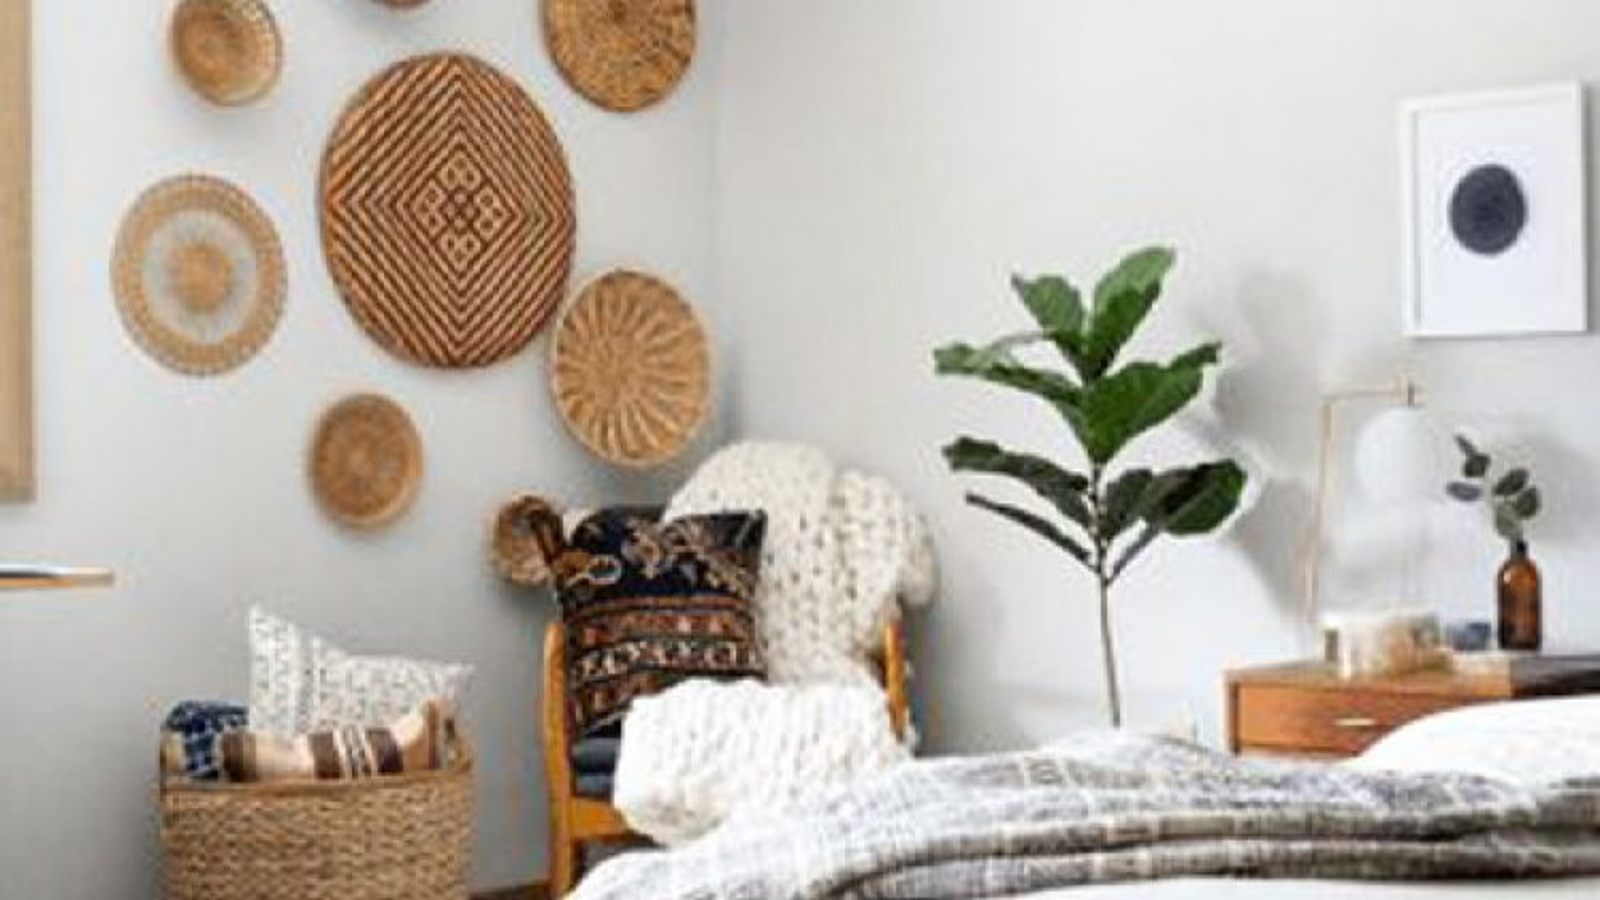 5 ý tưởng trang trí bằng giỏ đan lát giúp nhà thêm xinh và phong cách